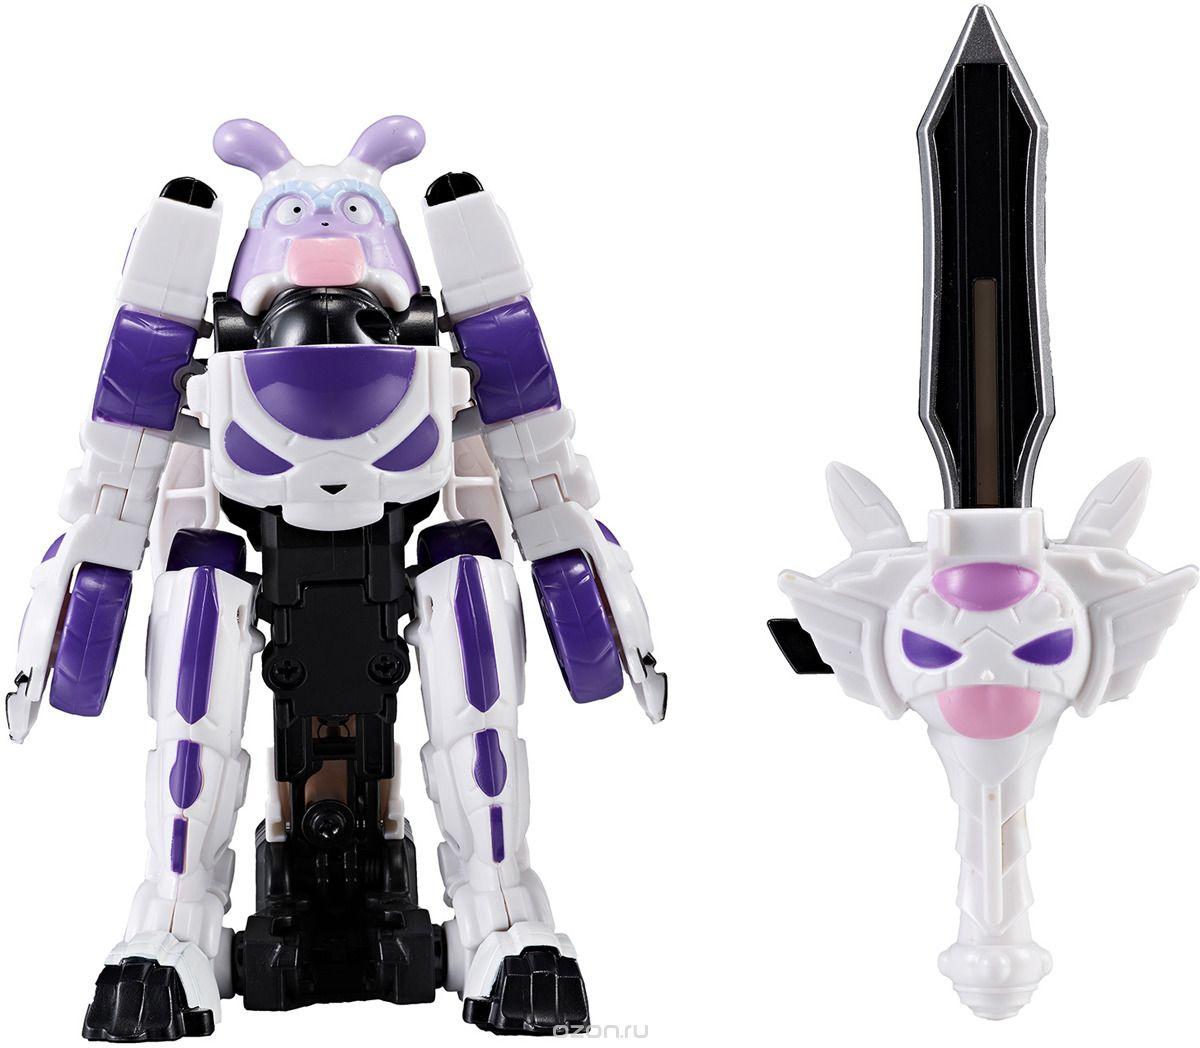 Робот Звездный защитник эл. свет, звук, эл.пит.не вх.в комплект